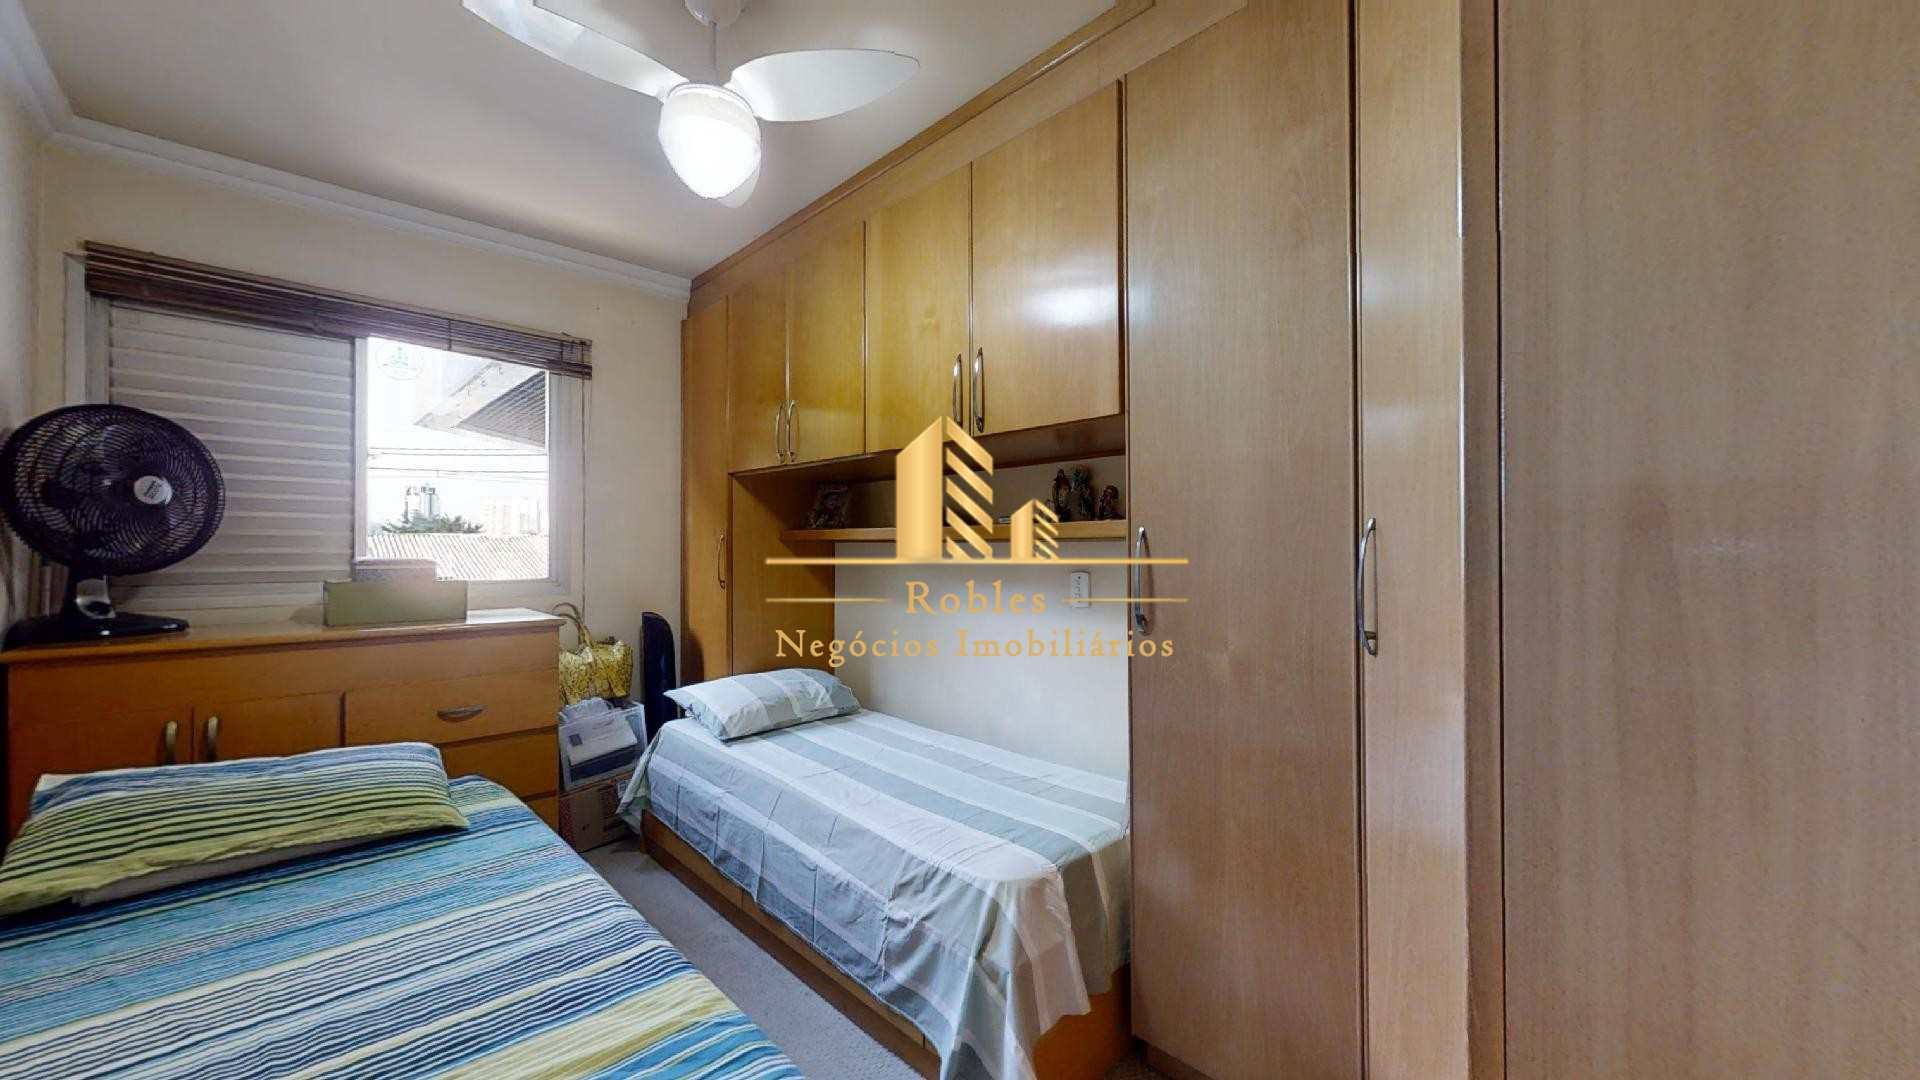 Apartamento com 4 dorms, Chácara Santo Antônio (Zona Sul), São Paulo - R$ 1 mi, Cod: 585